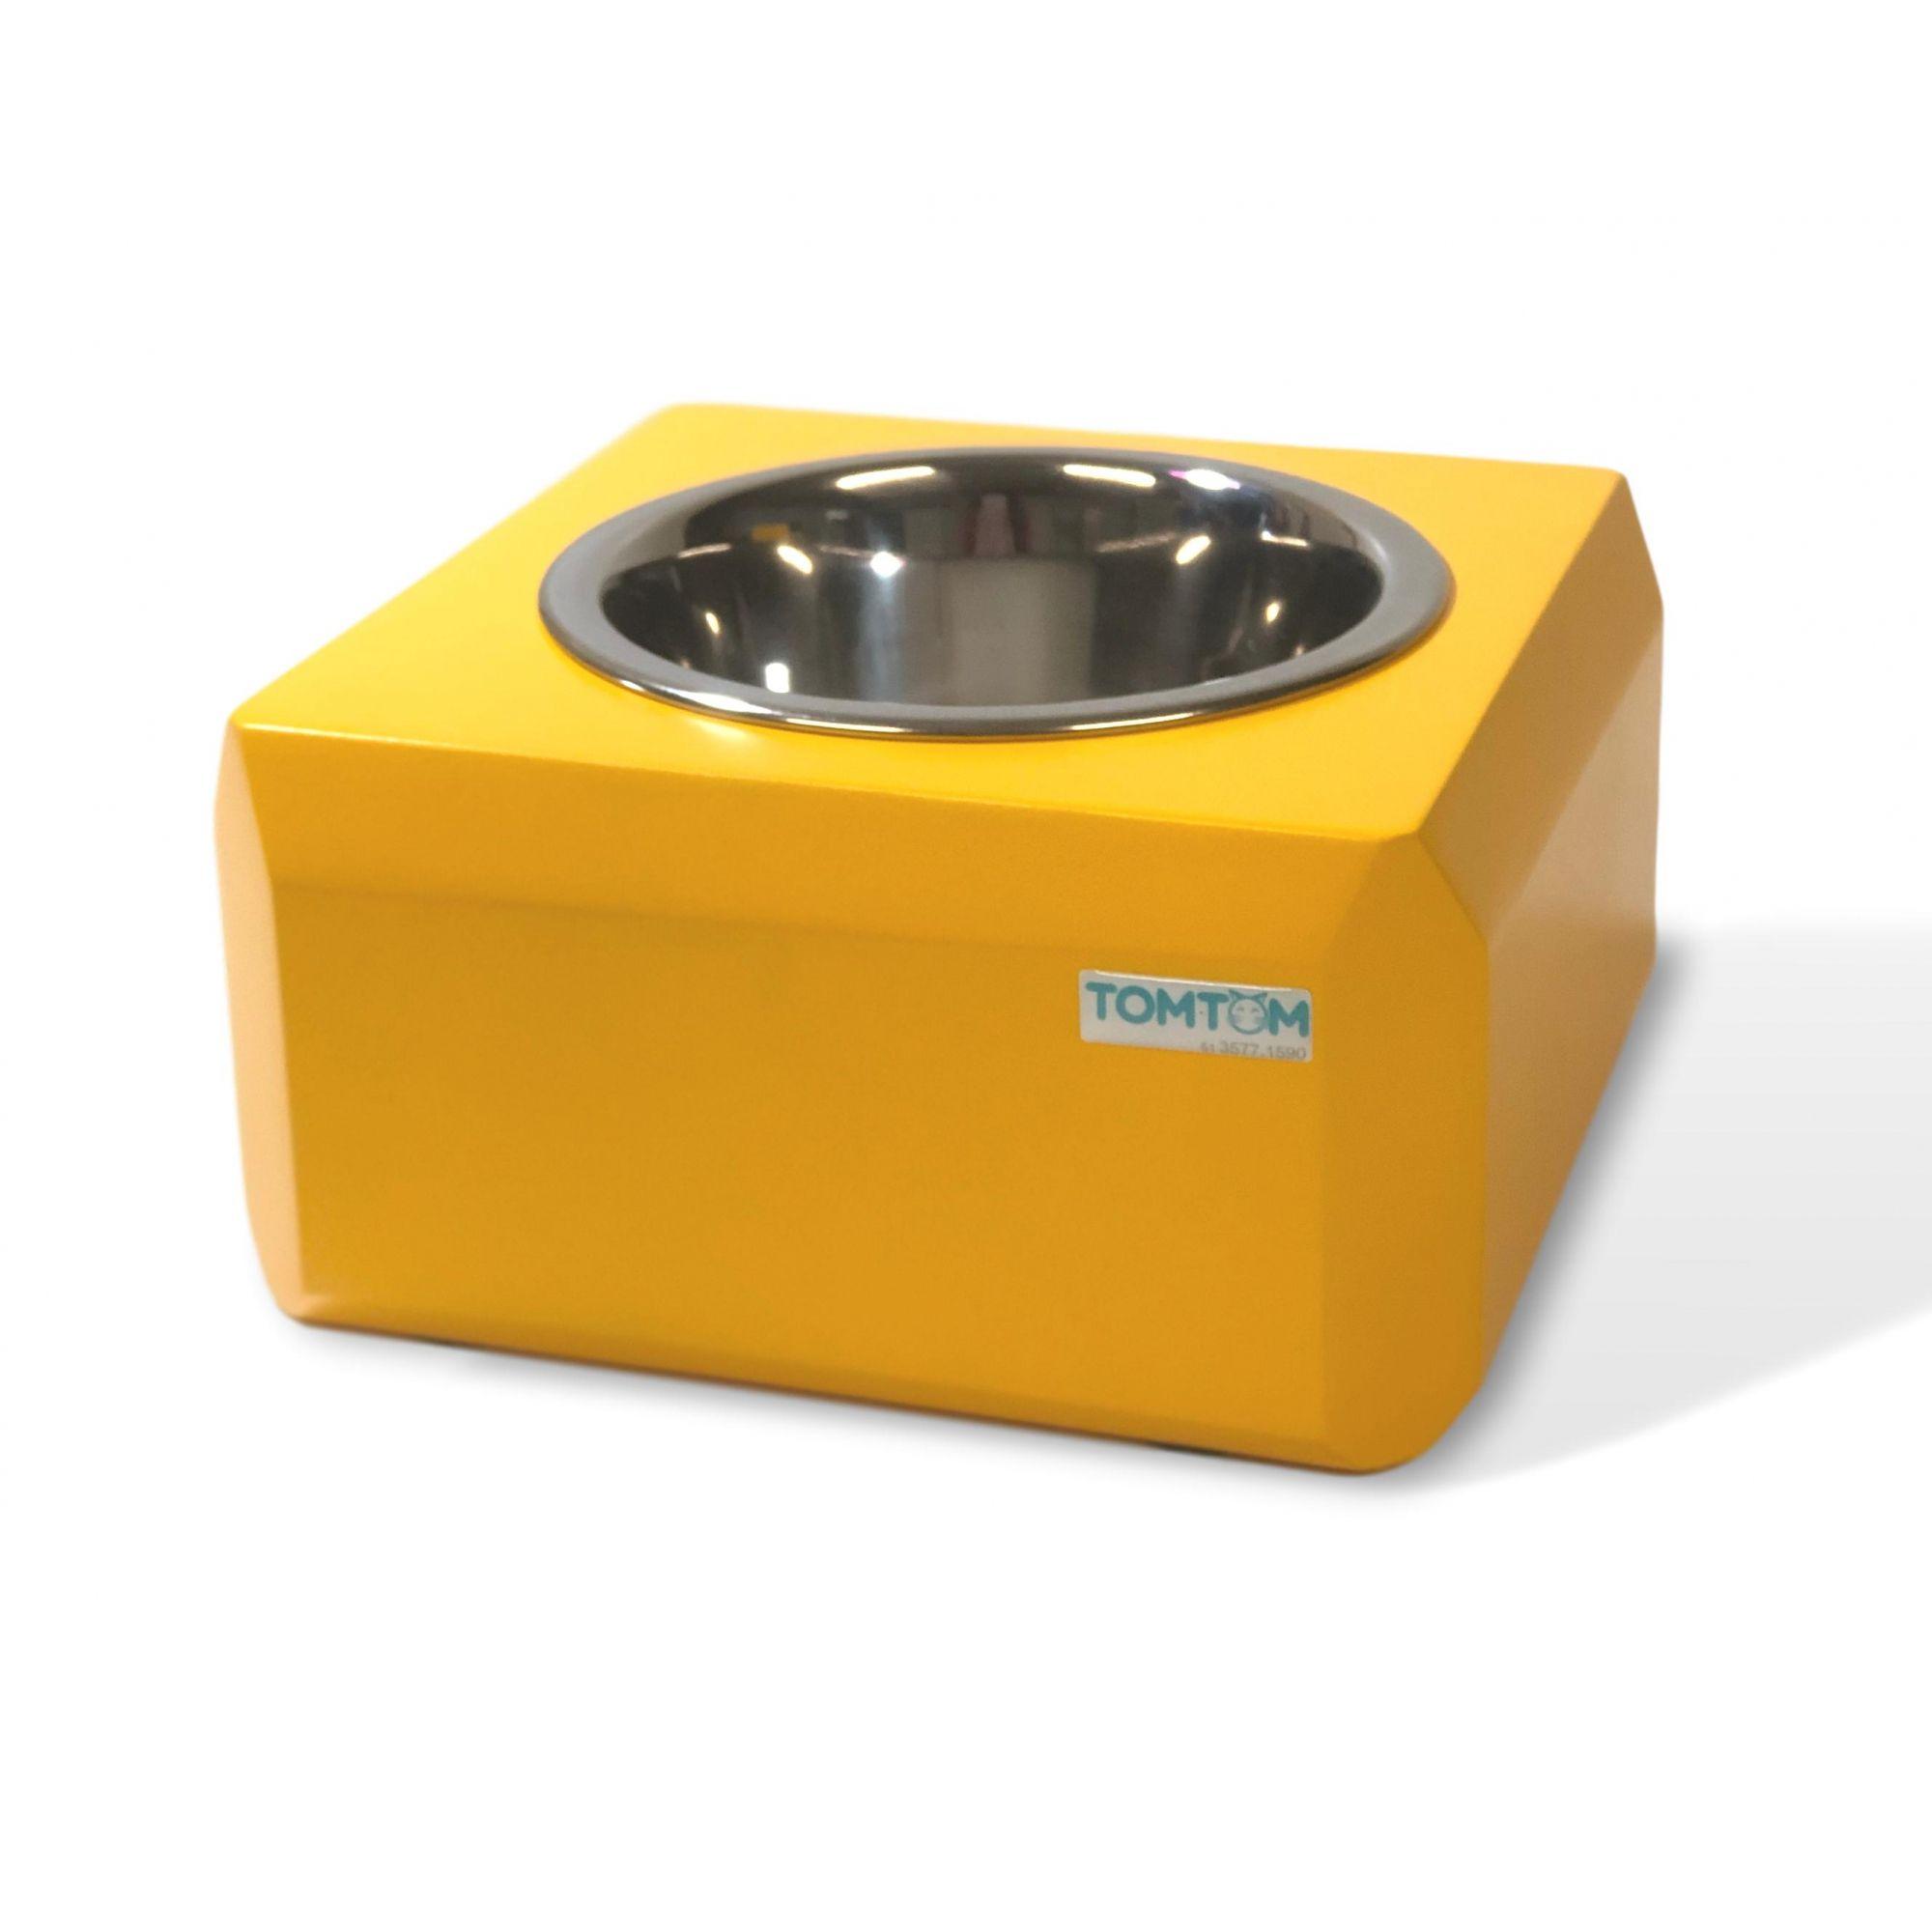 Comedouro Elevado Cubo Mágico Amarelo Tomtom